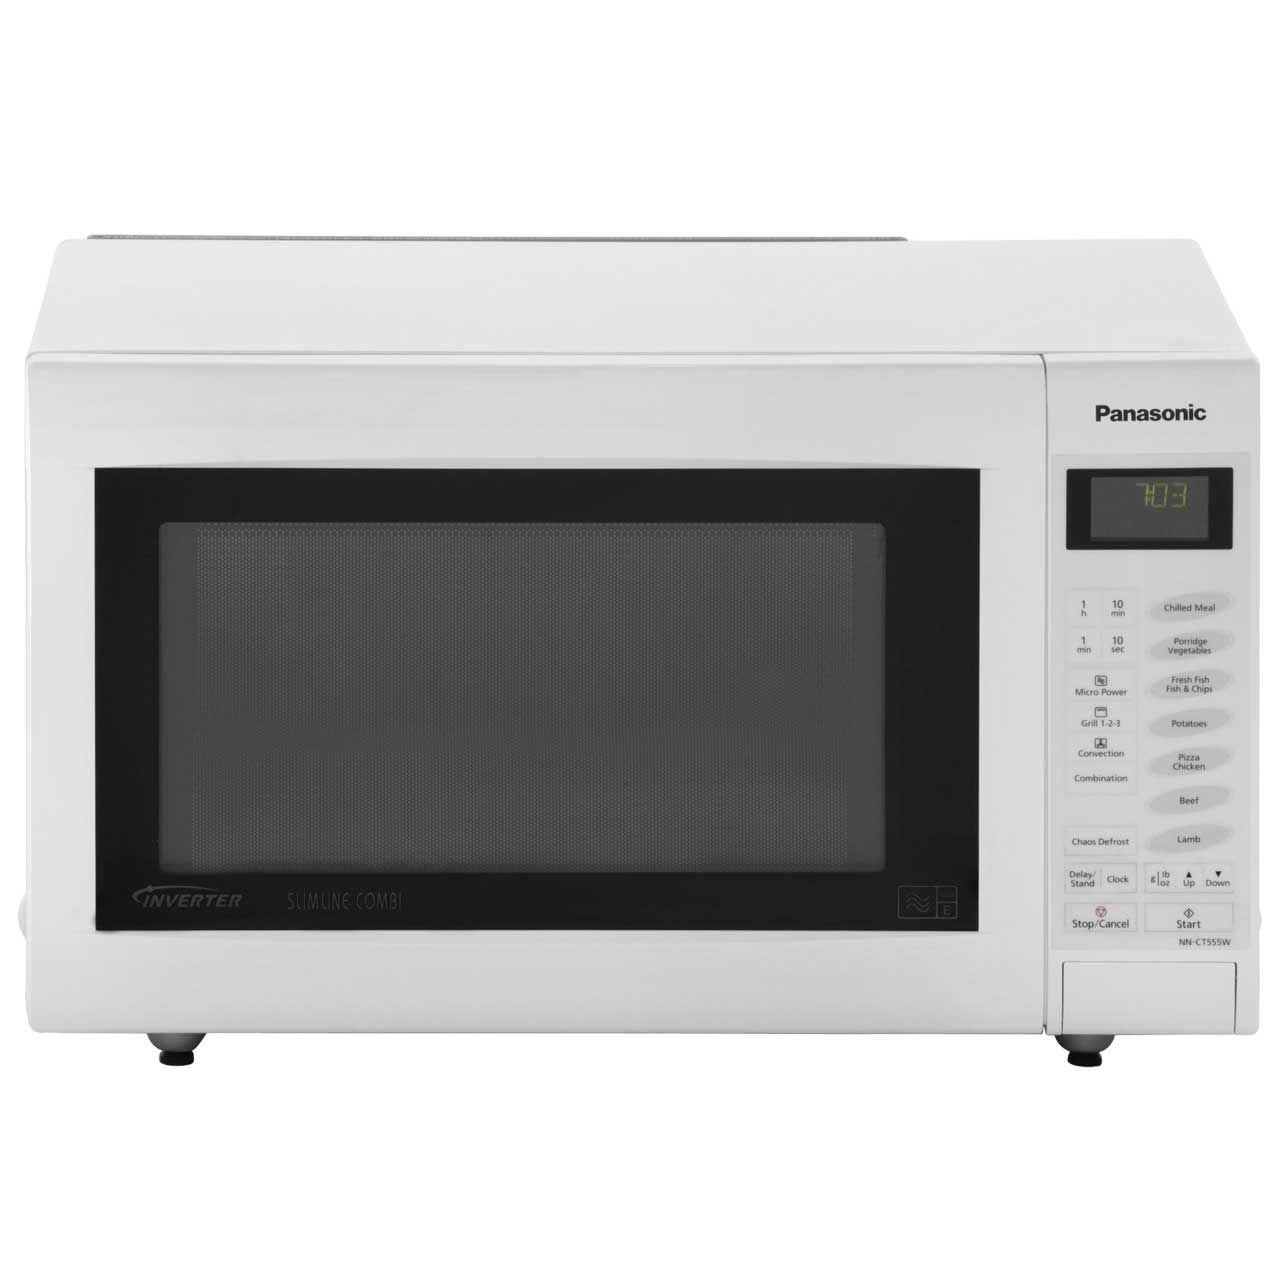 Panasonic Slimline Combination Nn Ct555wbpq 27 Litre 1000 Watt Microwave Oven White